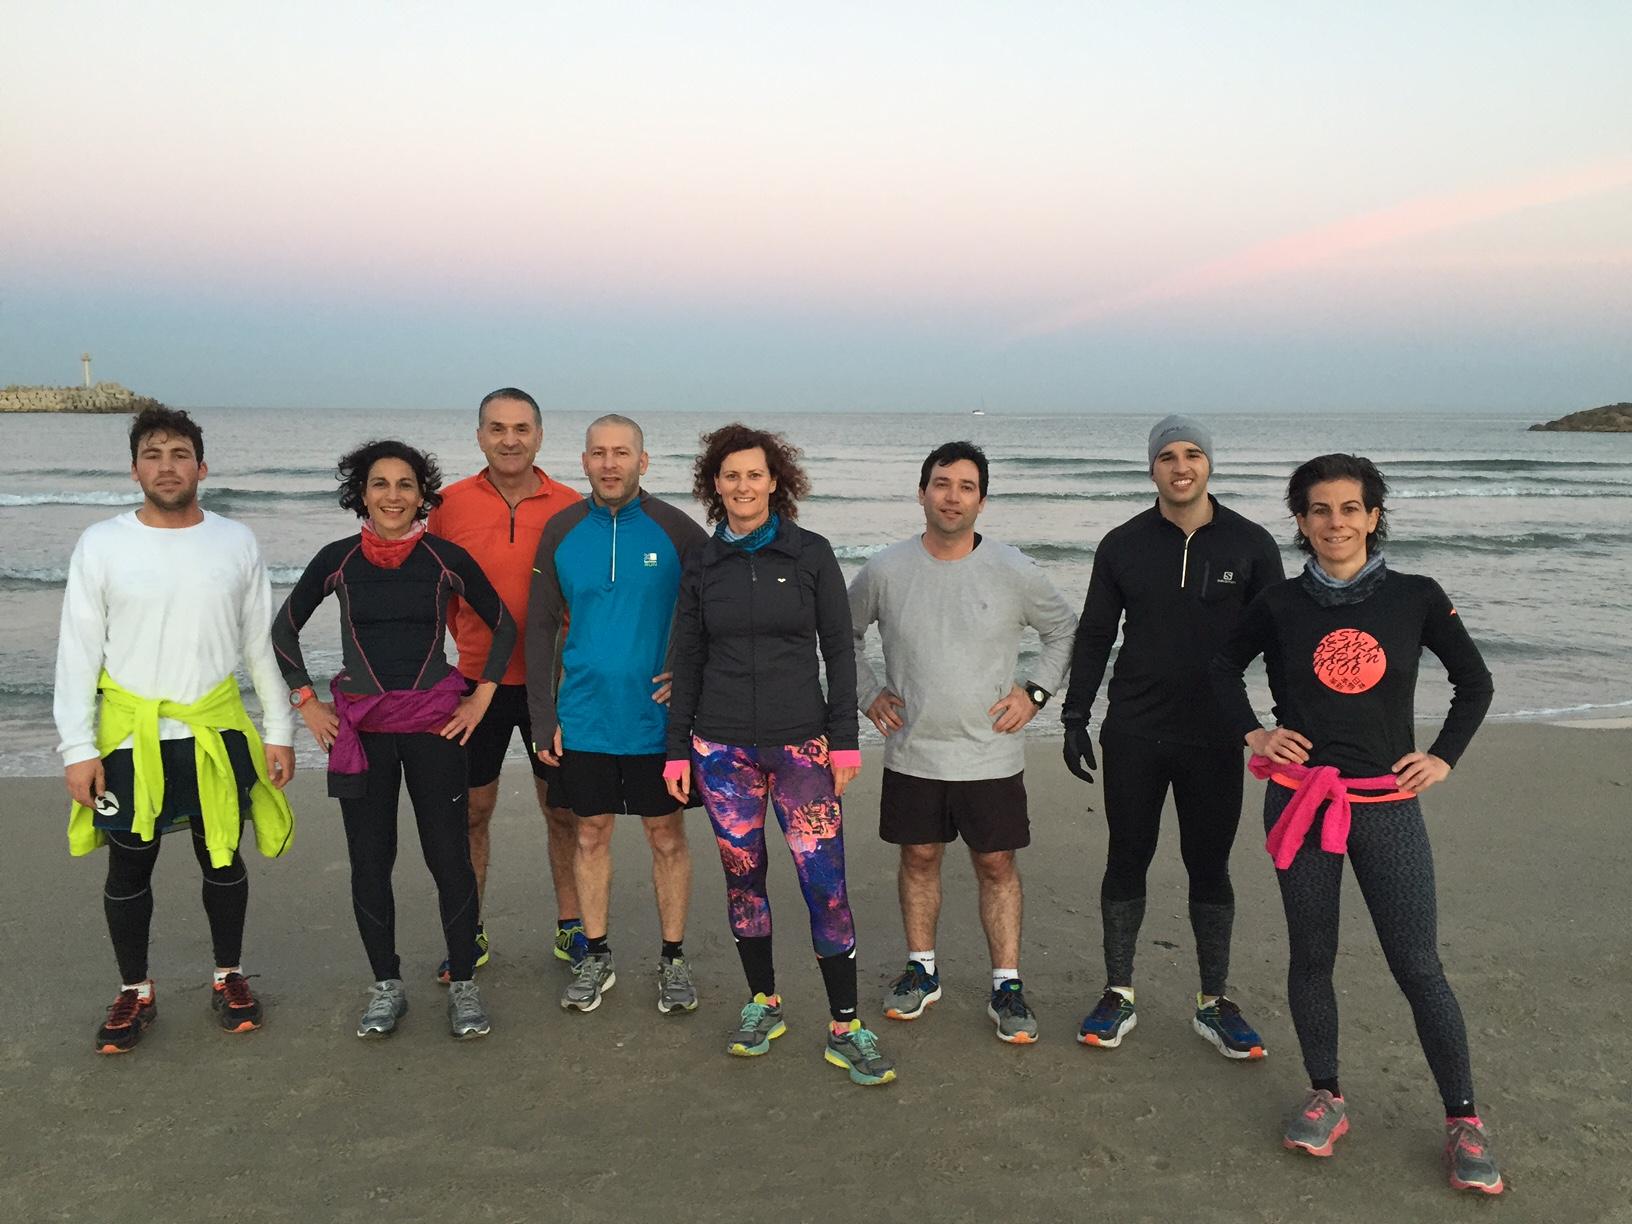 קבוצת ריצה מדהימה